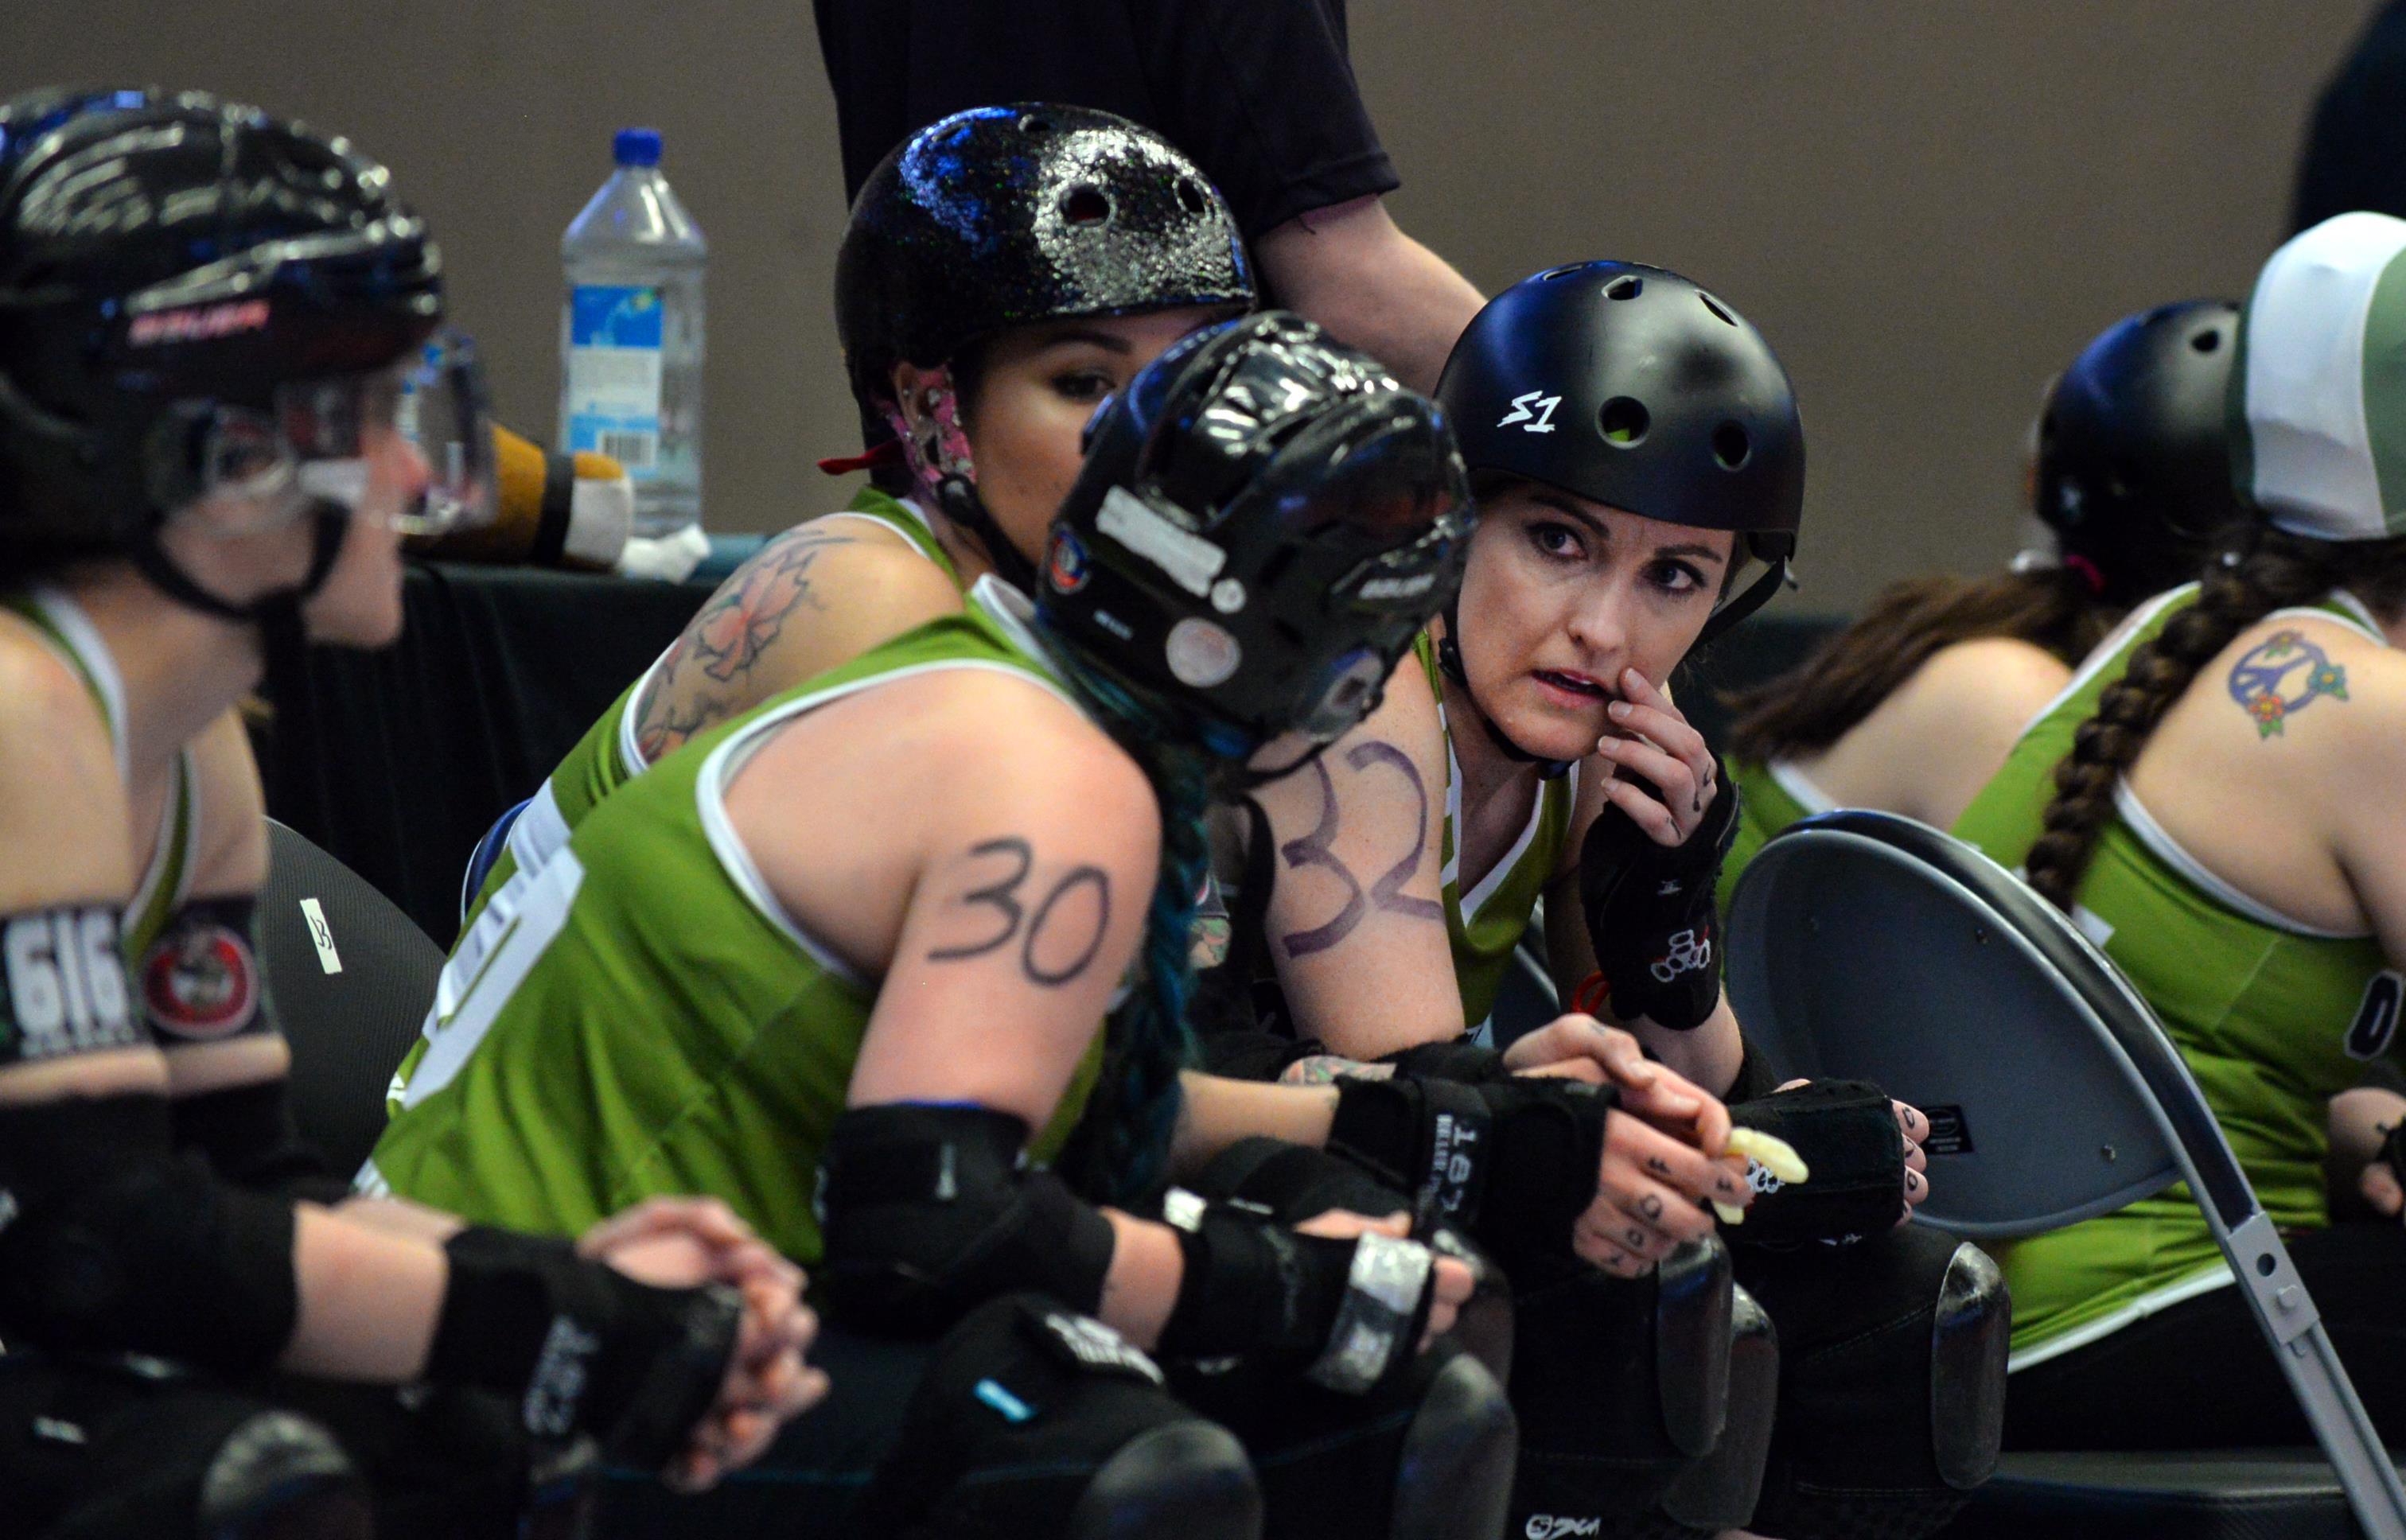 Roller skating omaha - Download Hi Res Photo Details